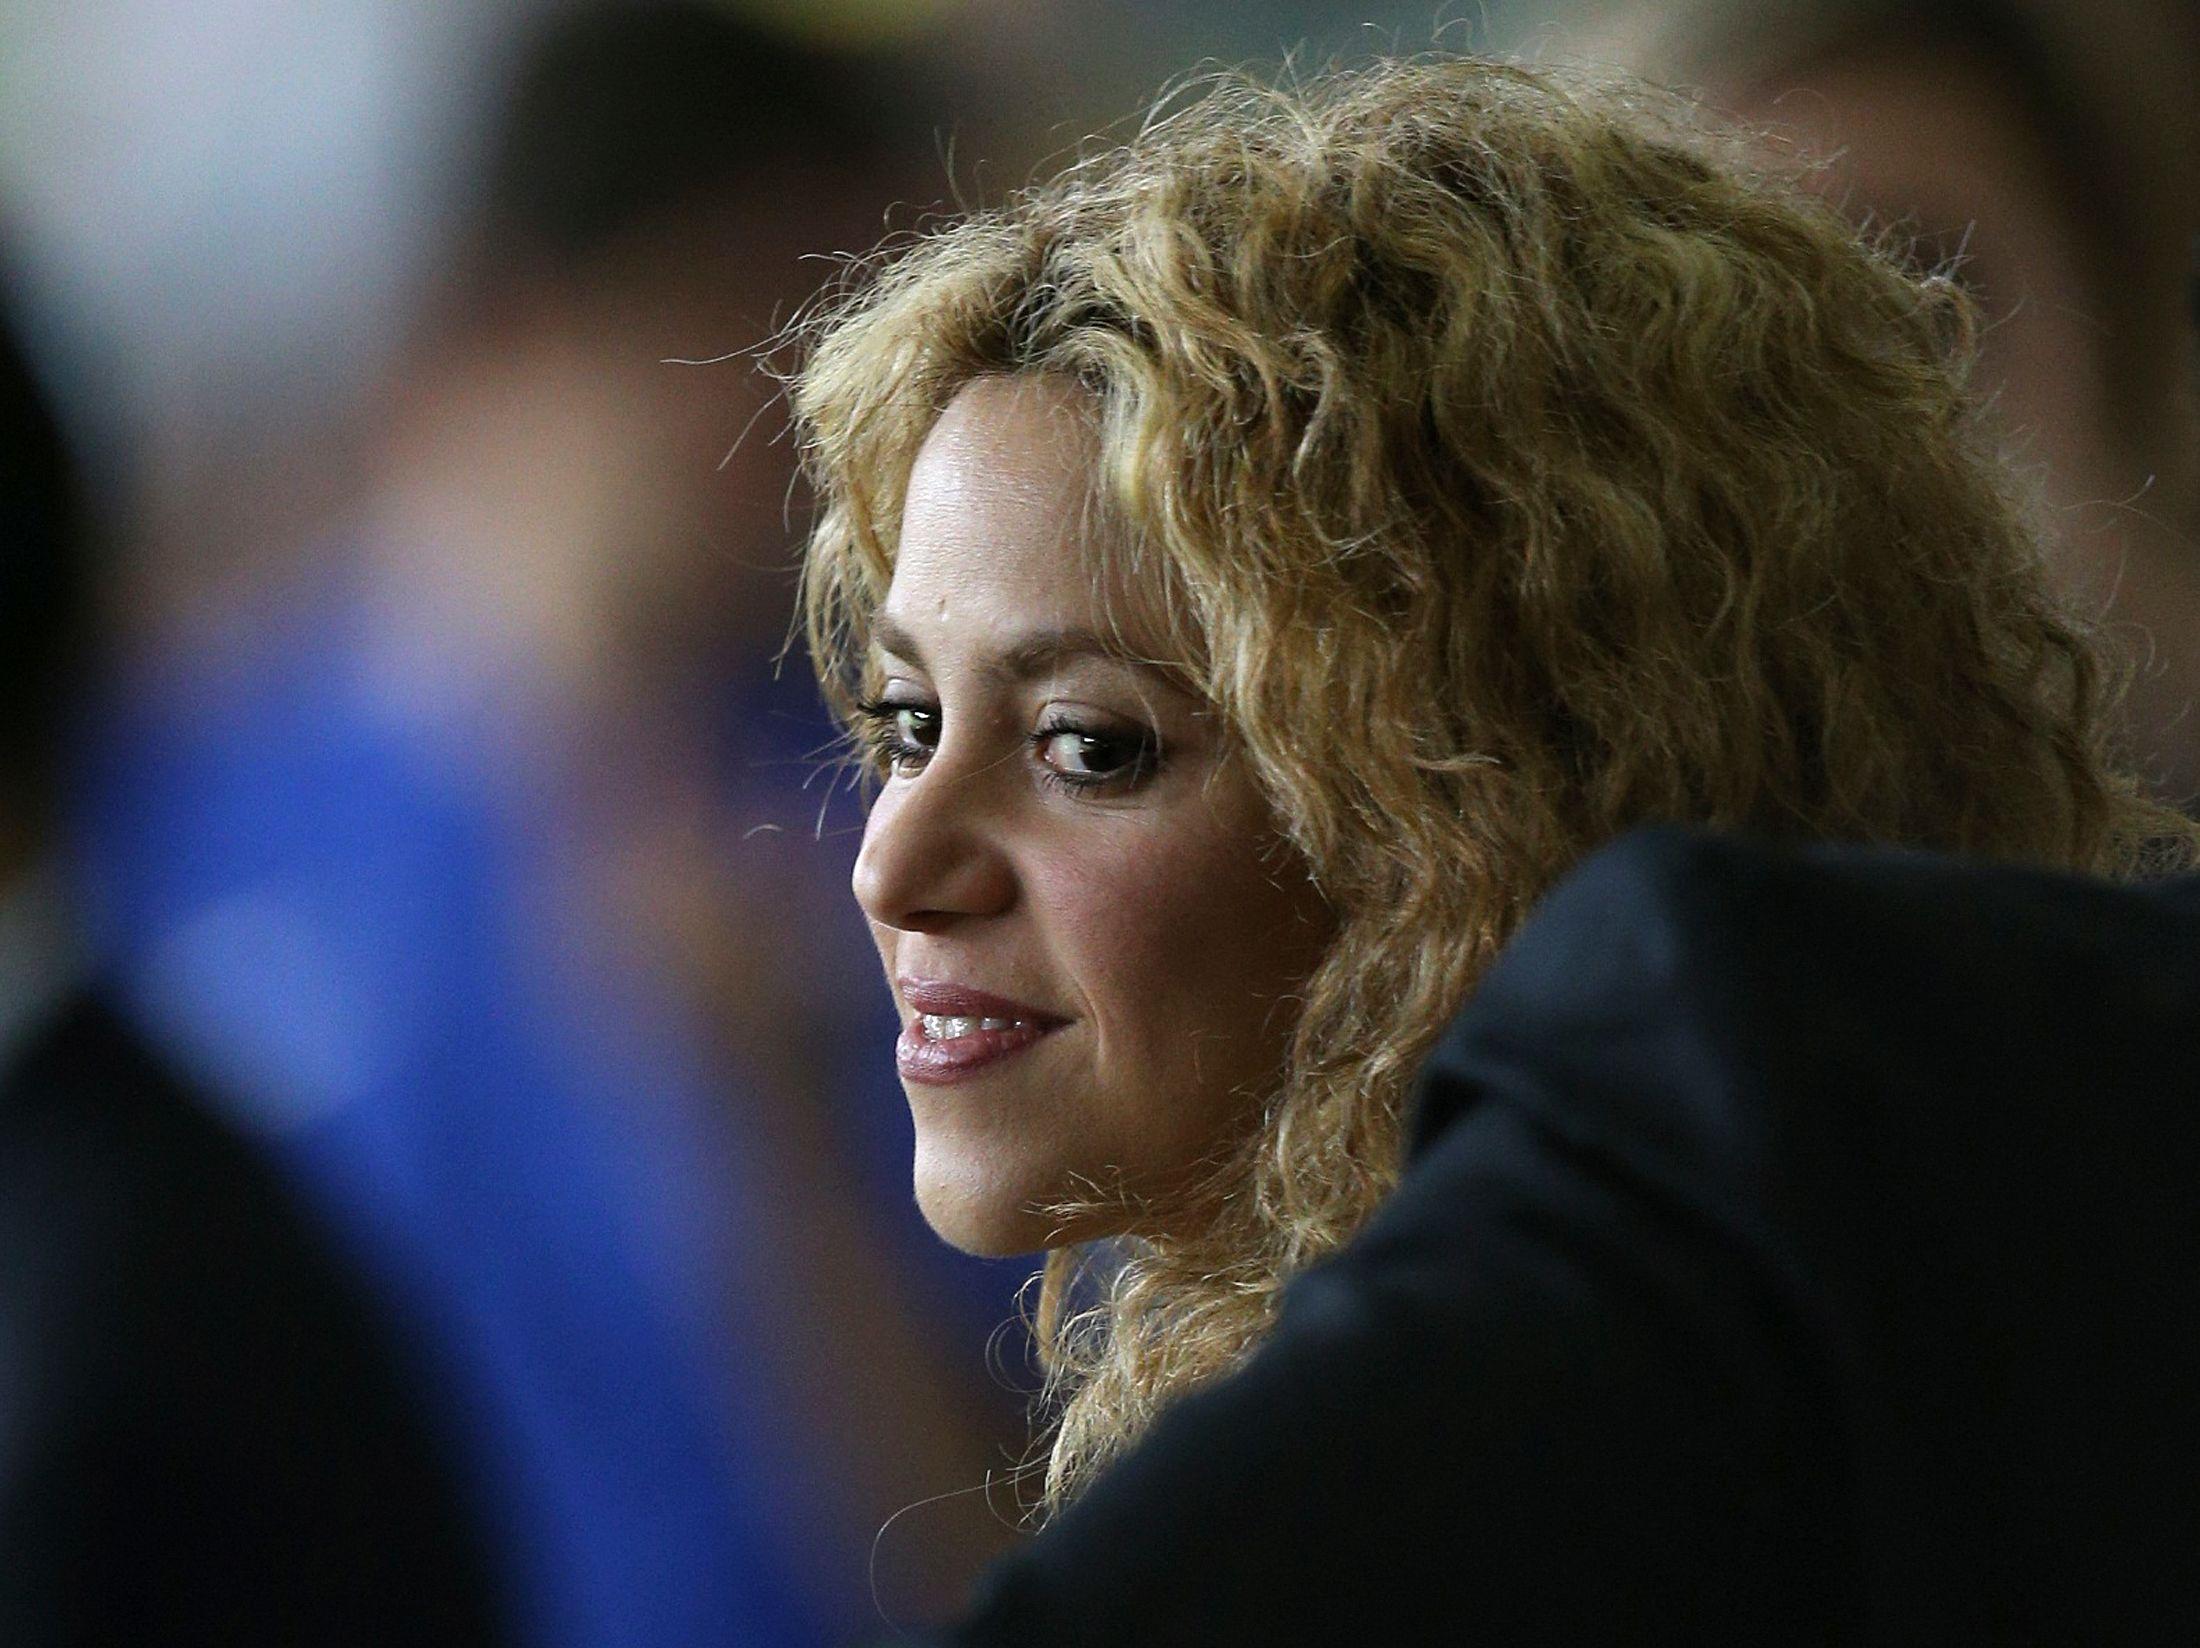 La chanteuse colombienne s'engage également pour l'éducation des enfants à travers sa fondation.